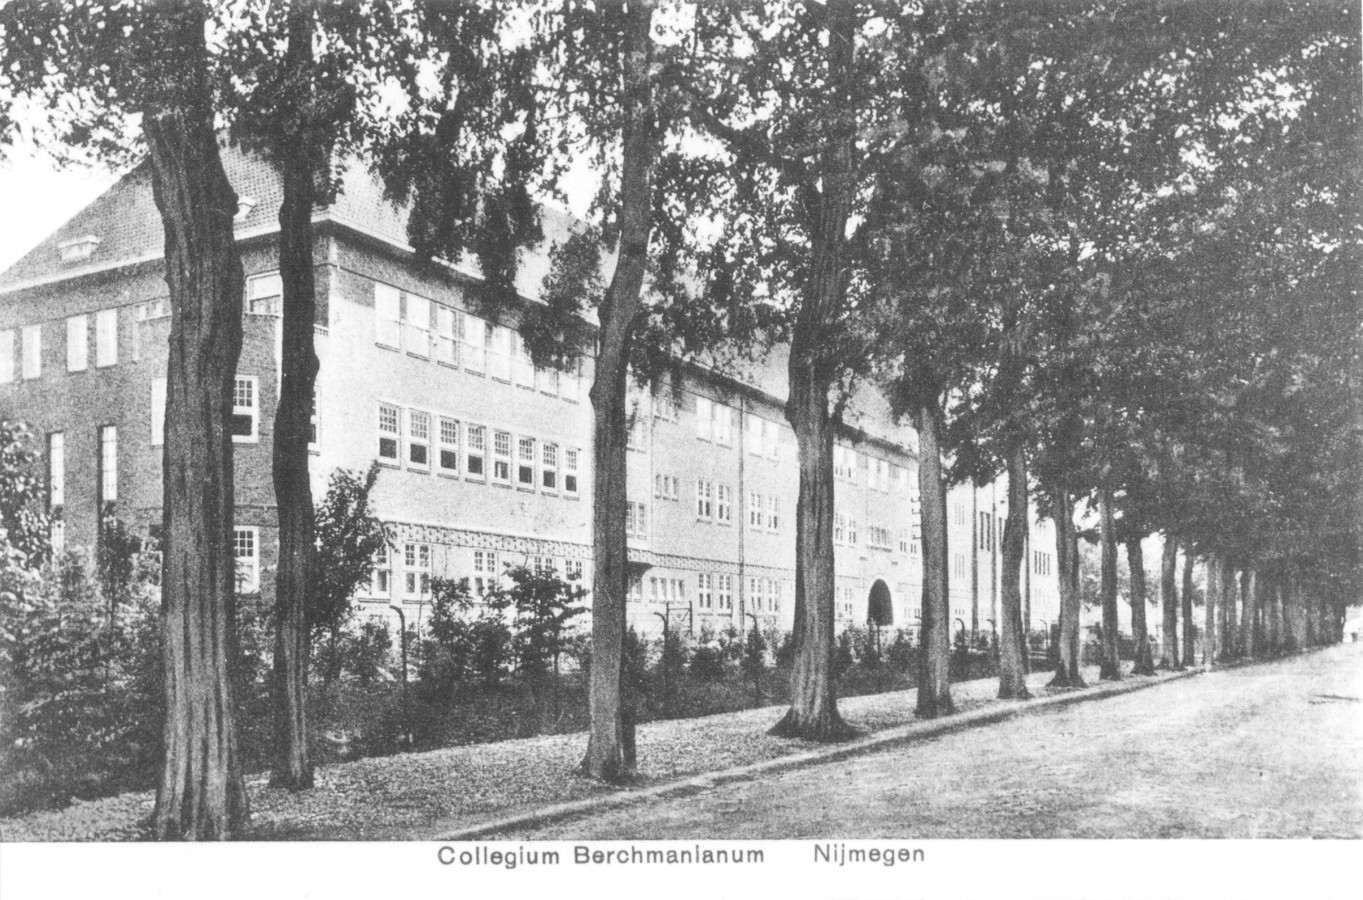 Het Berchmanianum, voormalig college en kloosterverblijf van de Sociëteit van Jezus in de wijk Brakkenstein van Nijmegen,